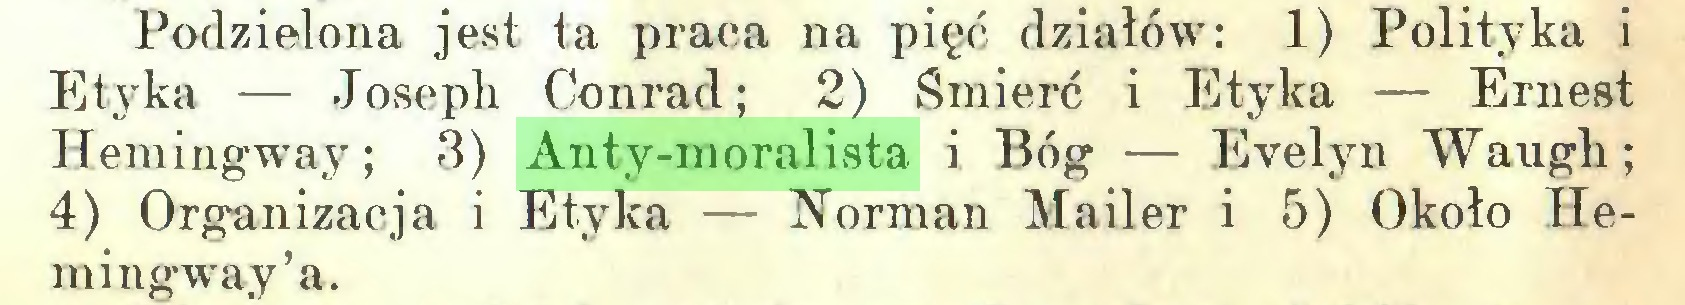 (...) Podzielona jest ta praca na pięć działów: 1) Polityka i Etyka — Joseph Conrad; 2) Śmierć i Etyka — Ernest Hemingway; 3) Anty-moralista i Bóg — Evelyn Waugh; 4) Organizacja i Etyka — Norman Mailer i 5) Około Hemingway'a...